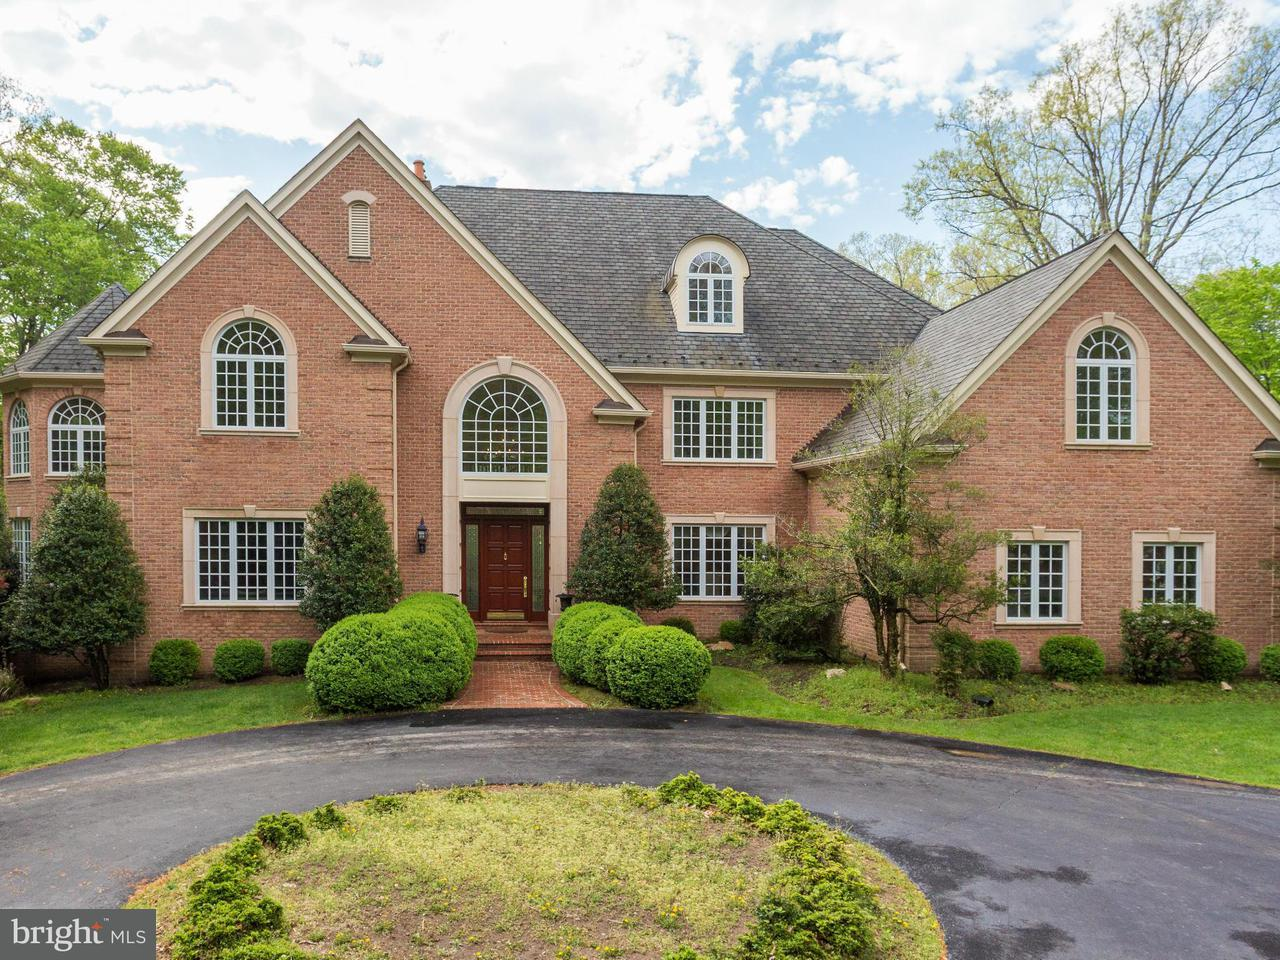 獨棟家庭住宅 為 出售 在 12994 Wyckland Drive 12994 Wyckland Drive Clifton, 弗吉尼亞州 20124 美國